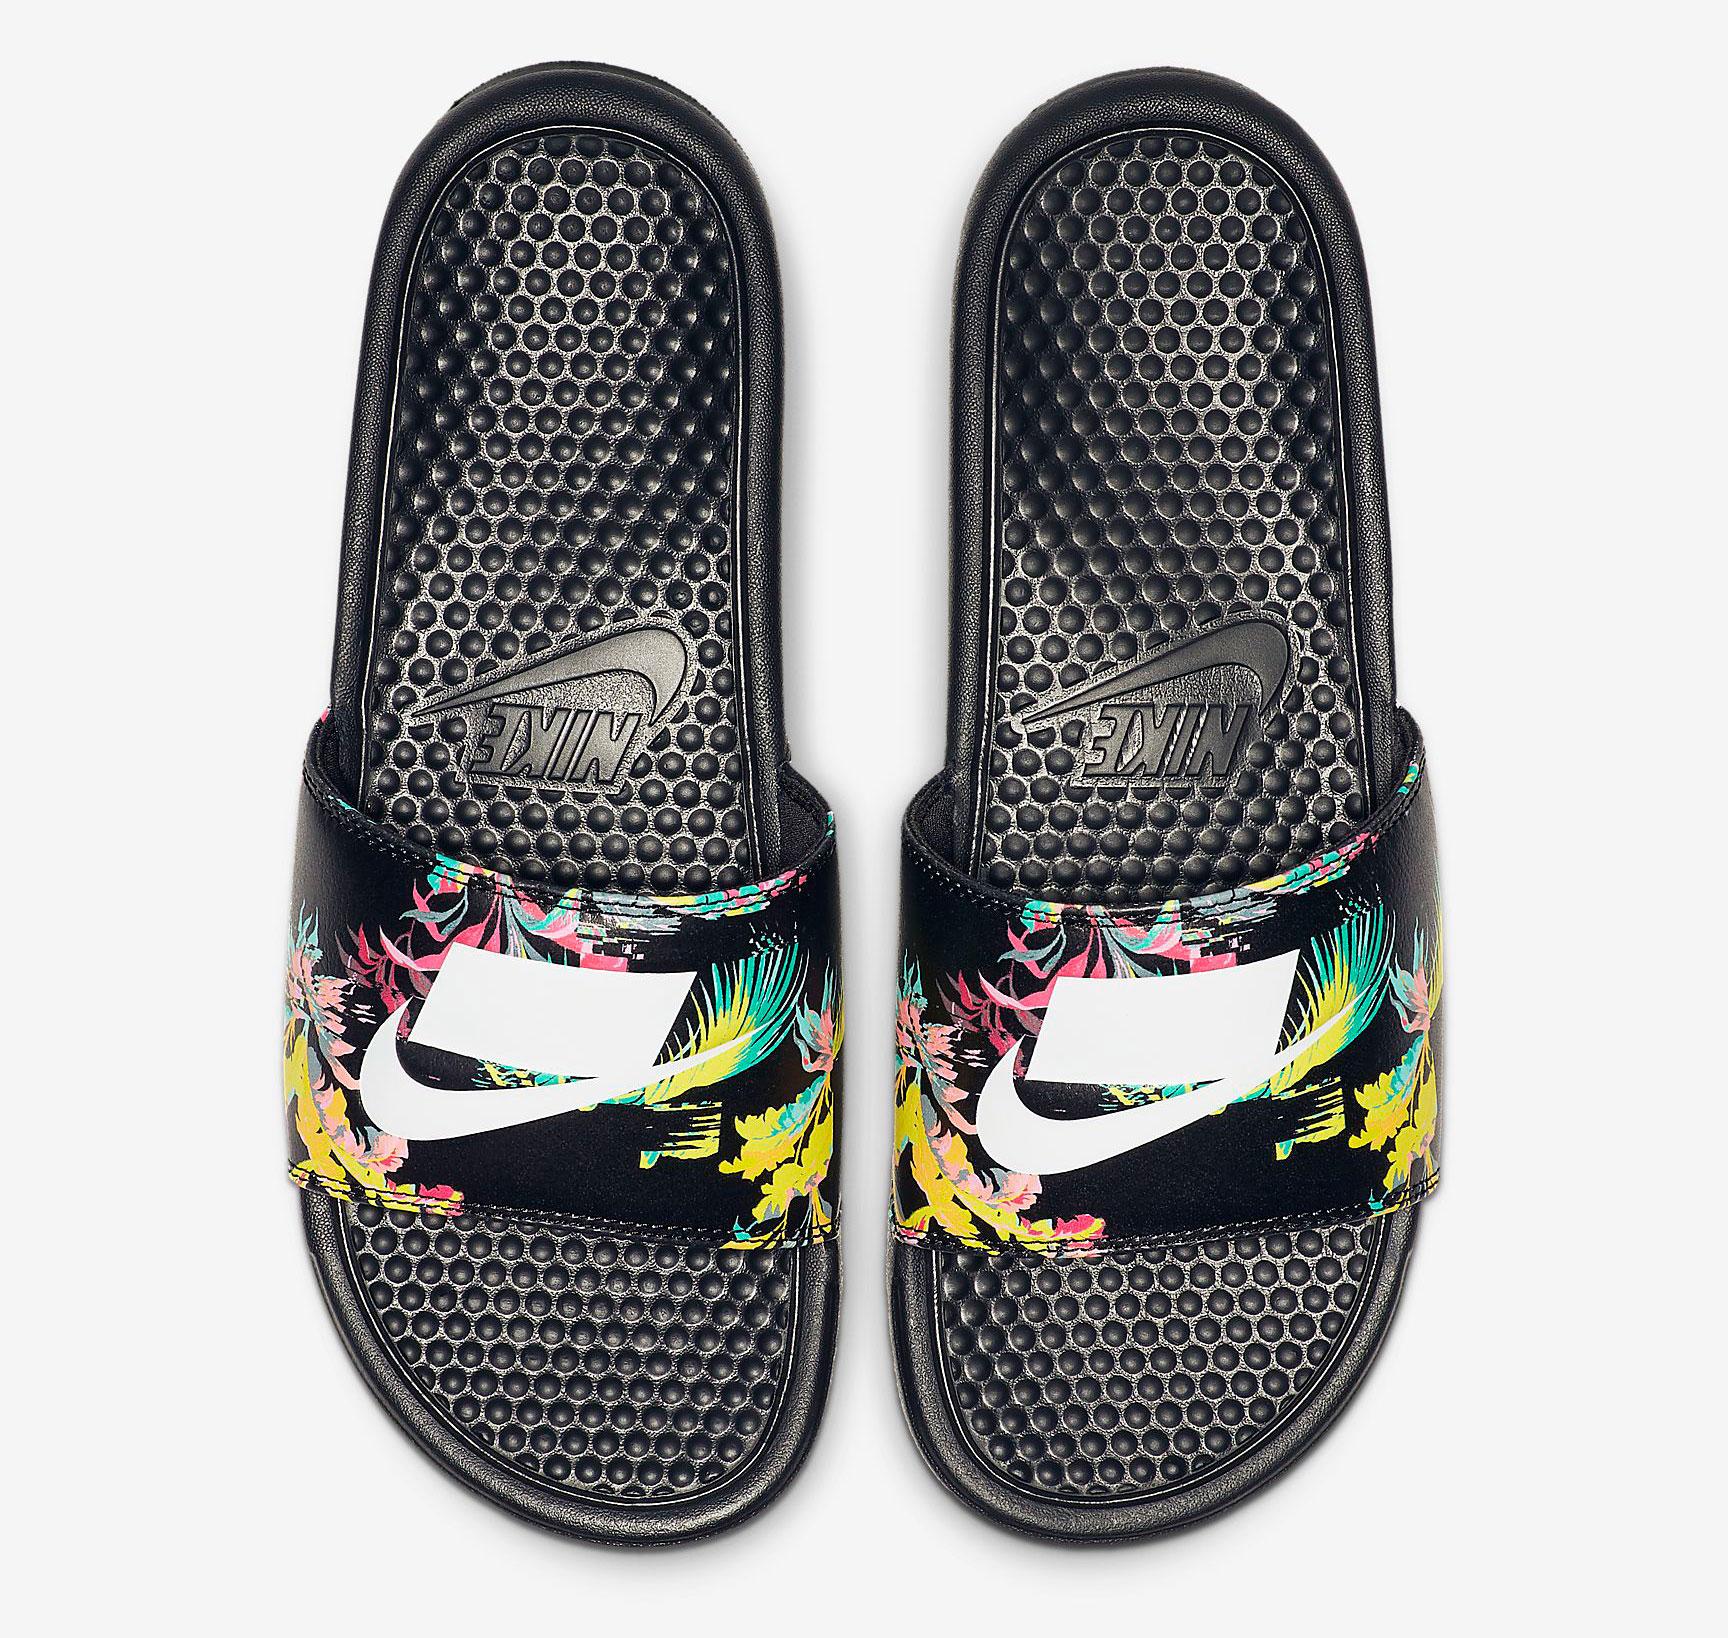 nike-benassi-tropical-floral-slide-sandal